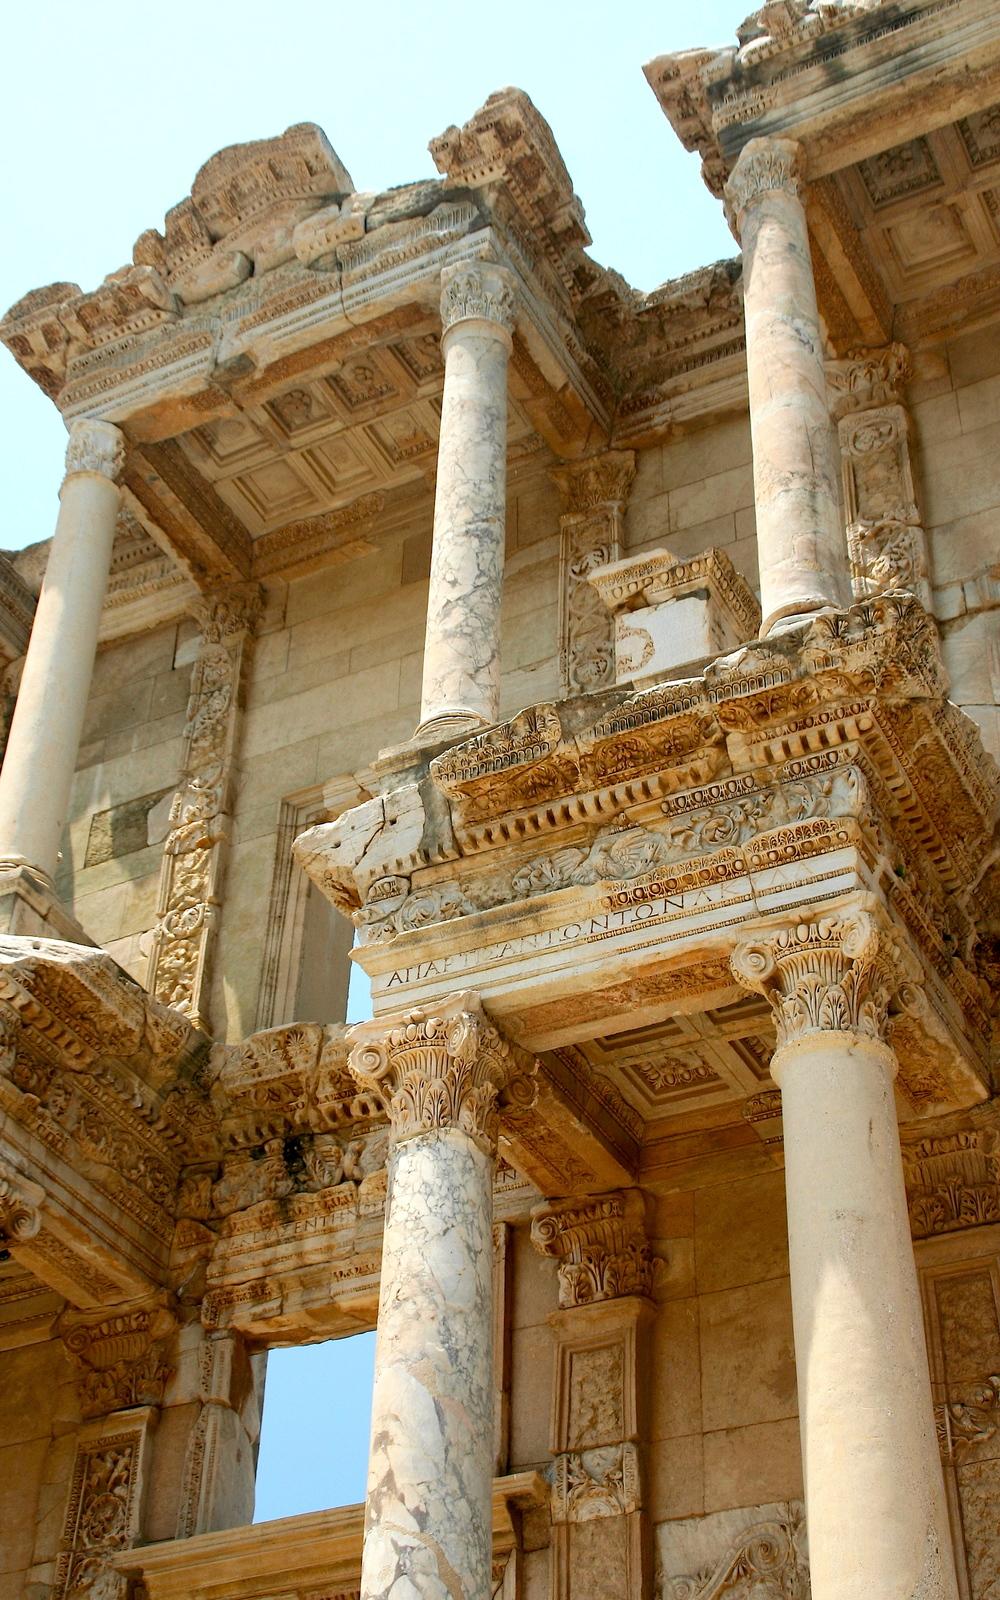 IMG_8568_Ephesus_Celsus_Library.jpg